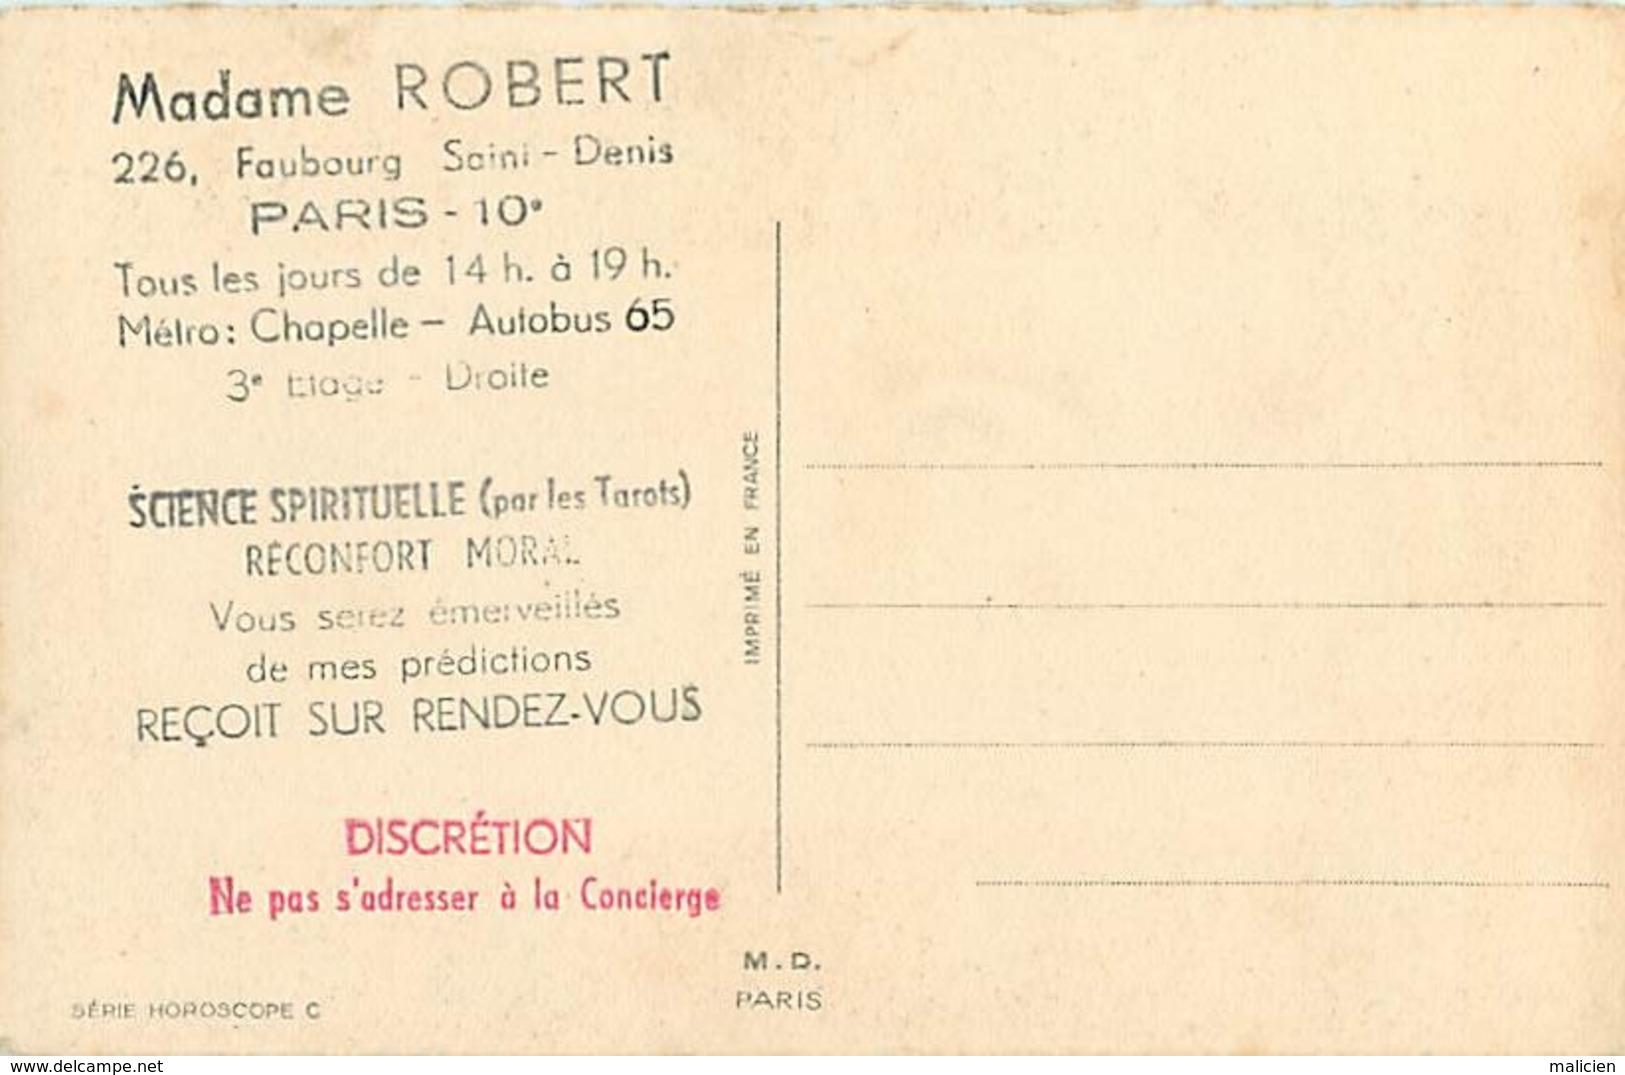 -ref-B75- Astrologie - Horoscope - Zodiaque - Sagittaire - Verso Publicité Mme Robert - Faubourg Saint Denis - Paris 10e - Astrologie